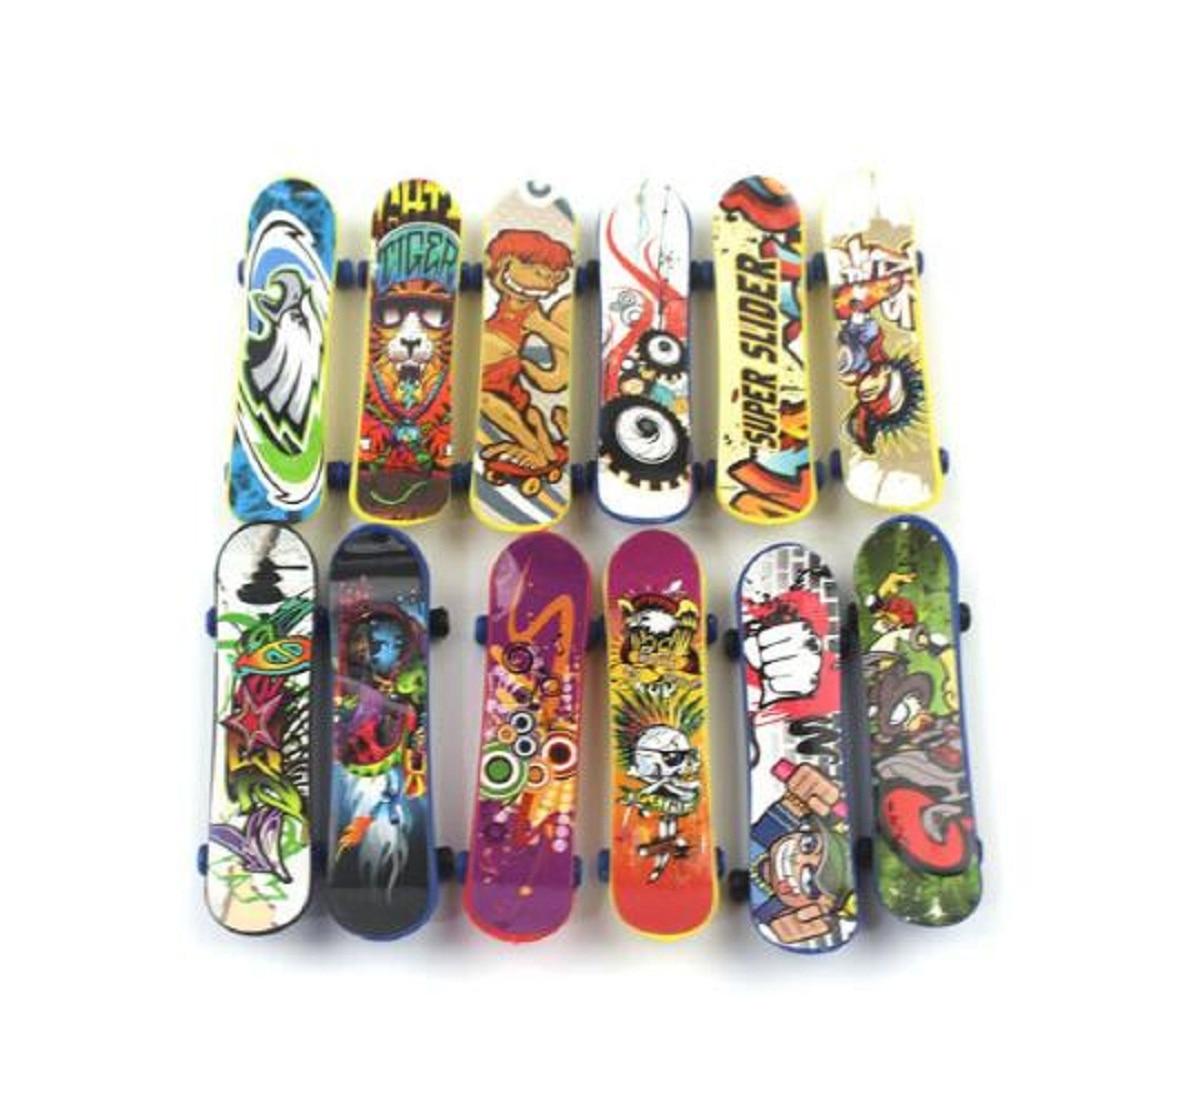 Kids Wooden Fingerboard Skateboard Set Finger Skate Board Desktop Child Toy Gift